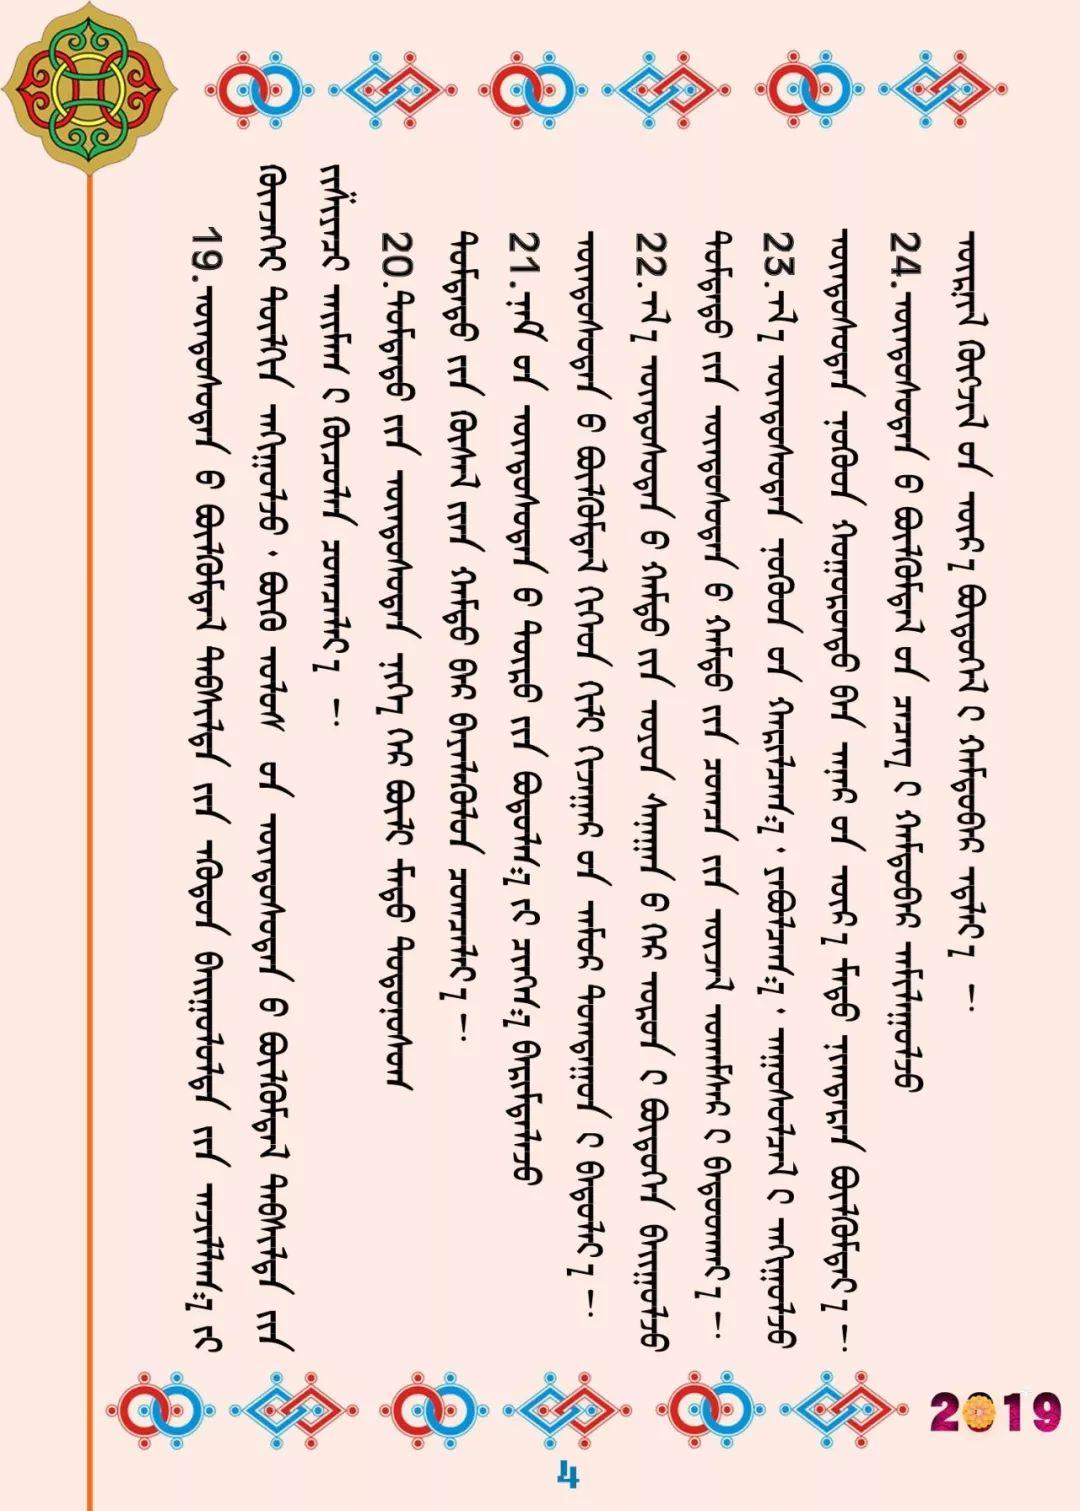 【蒙古文】阿拉善盟民族团结进步宣传标语(蒙汉双语) 第4张 【蒙古文】阿拉善盟民族团结进步宣传标语(蒙汉双语) 蒙古文库